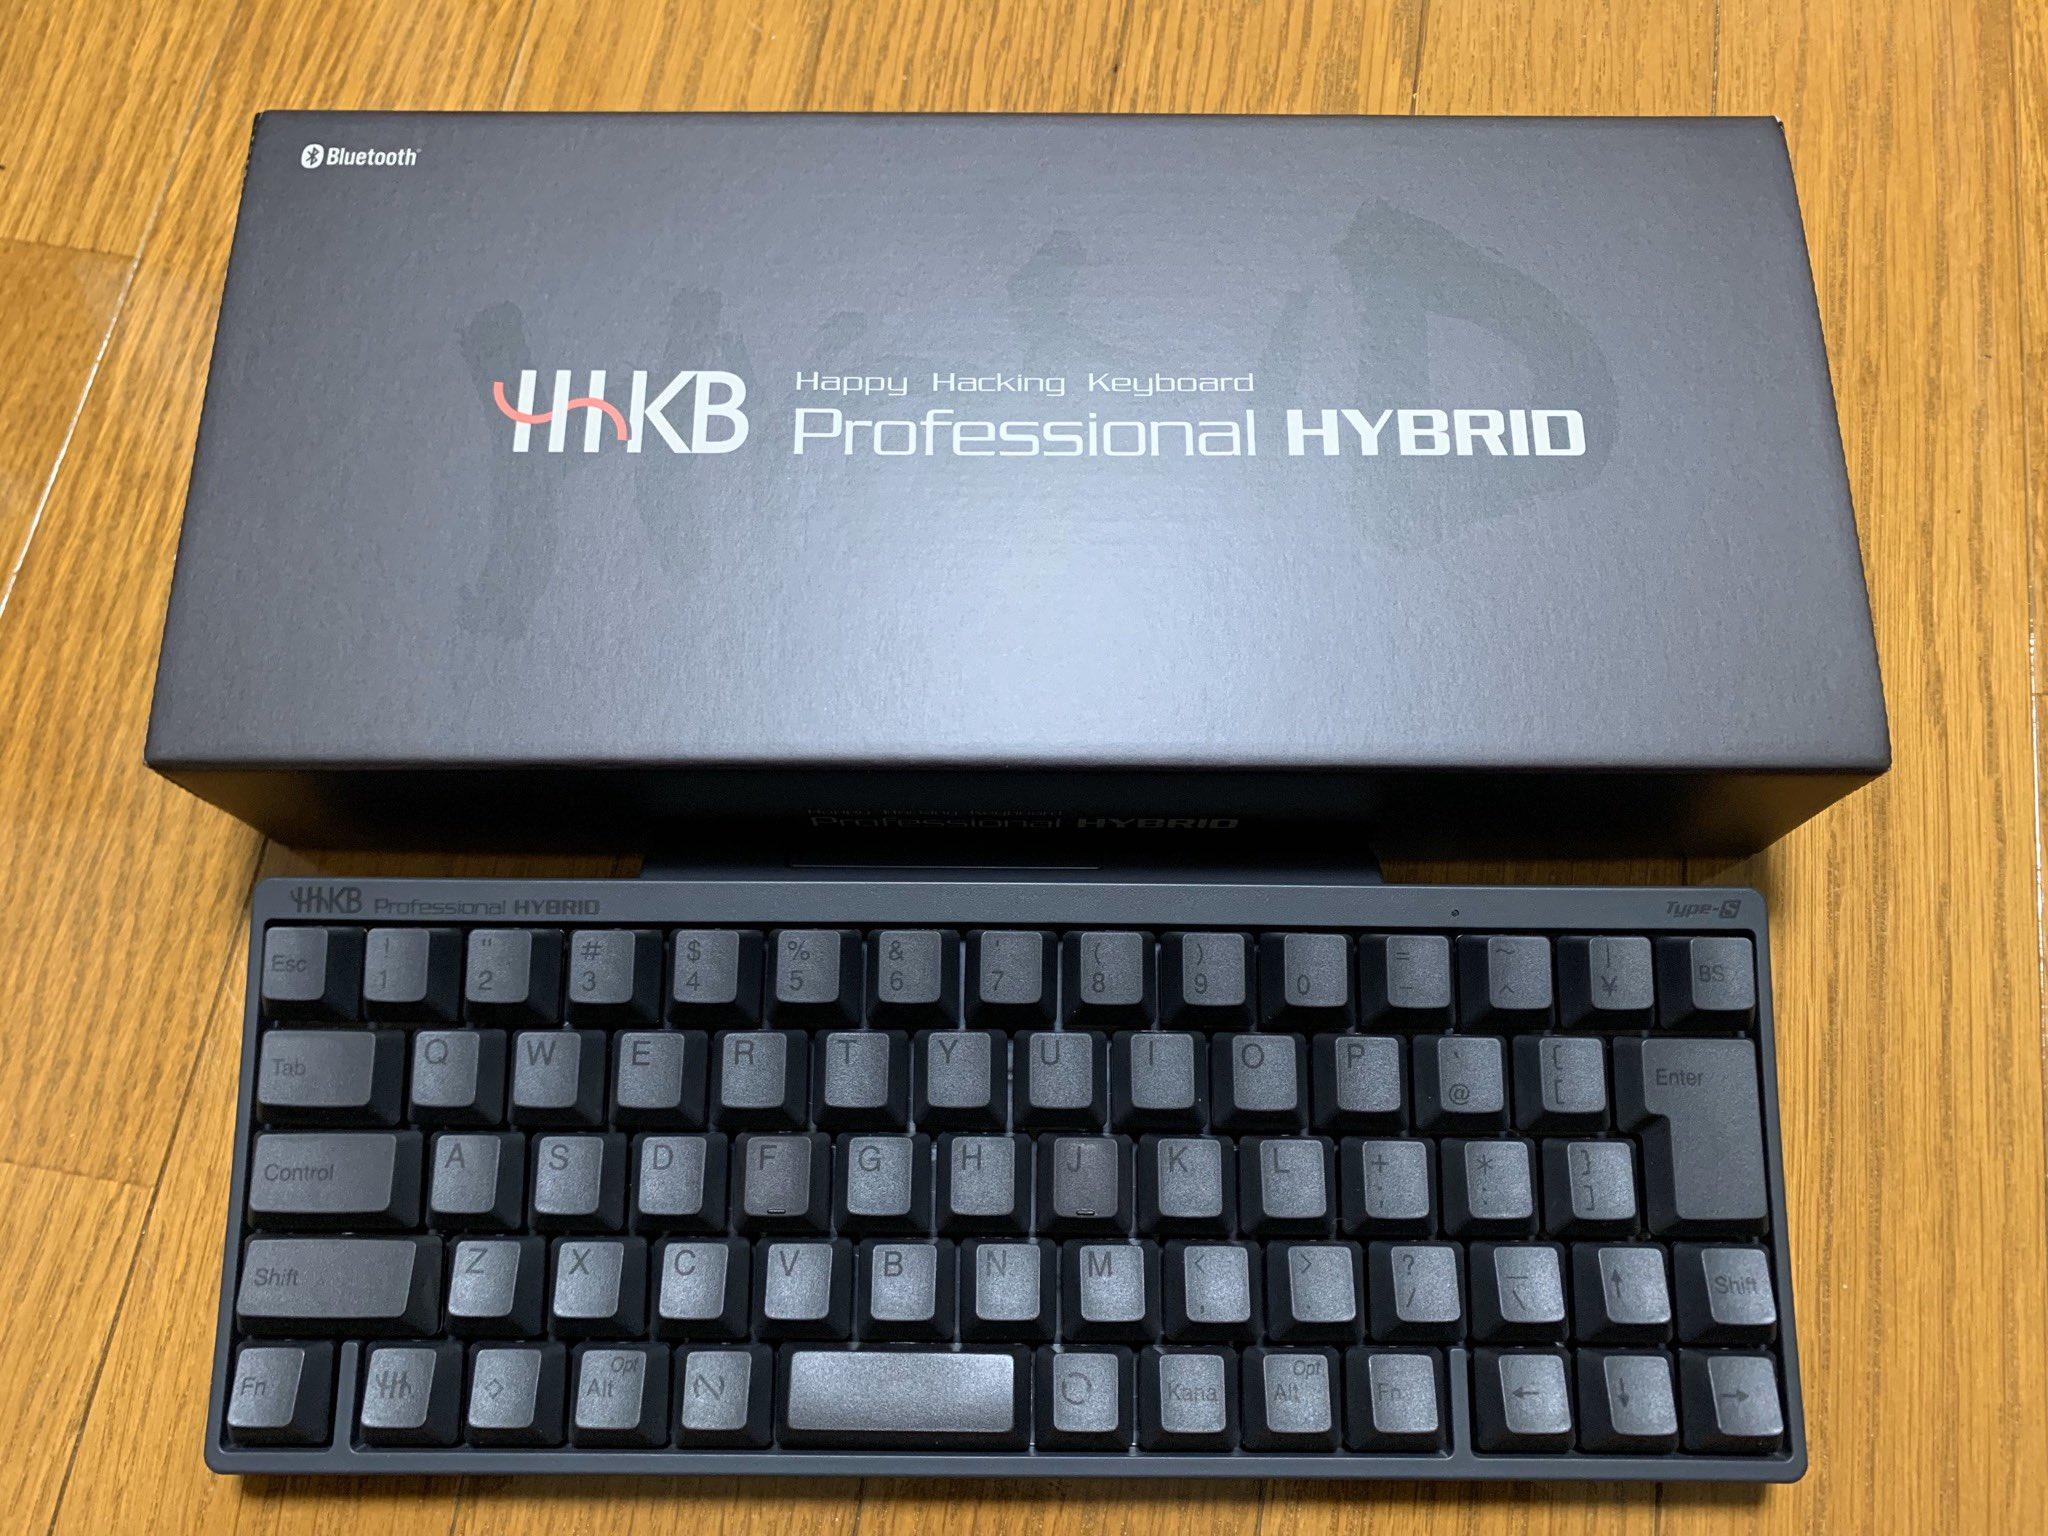 S type Hhkb hybrid